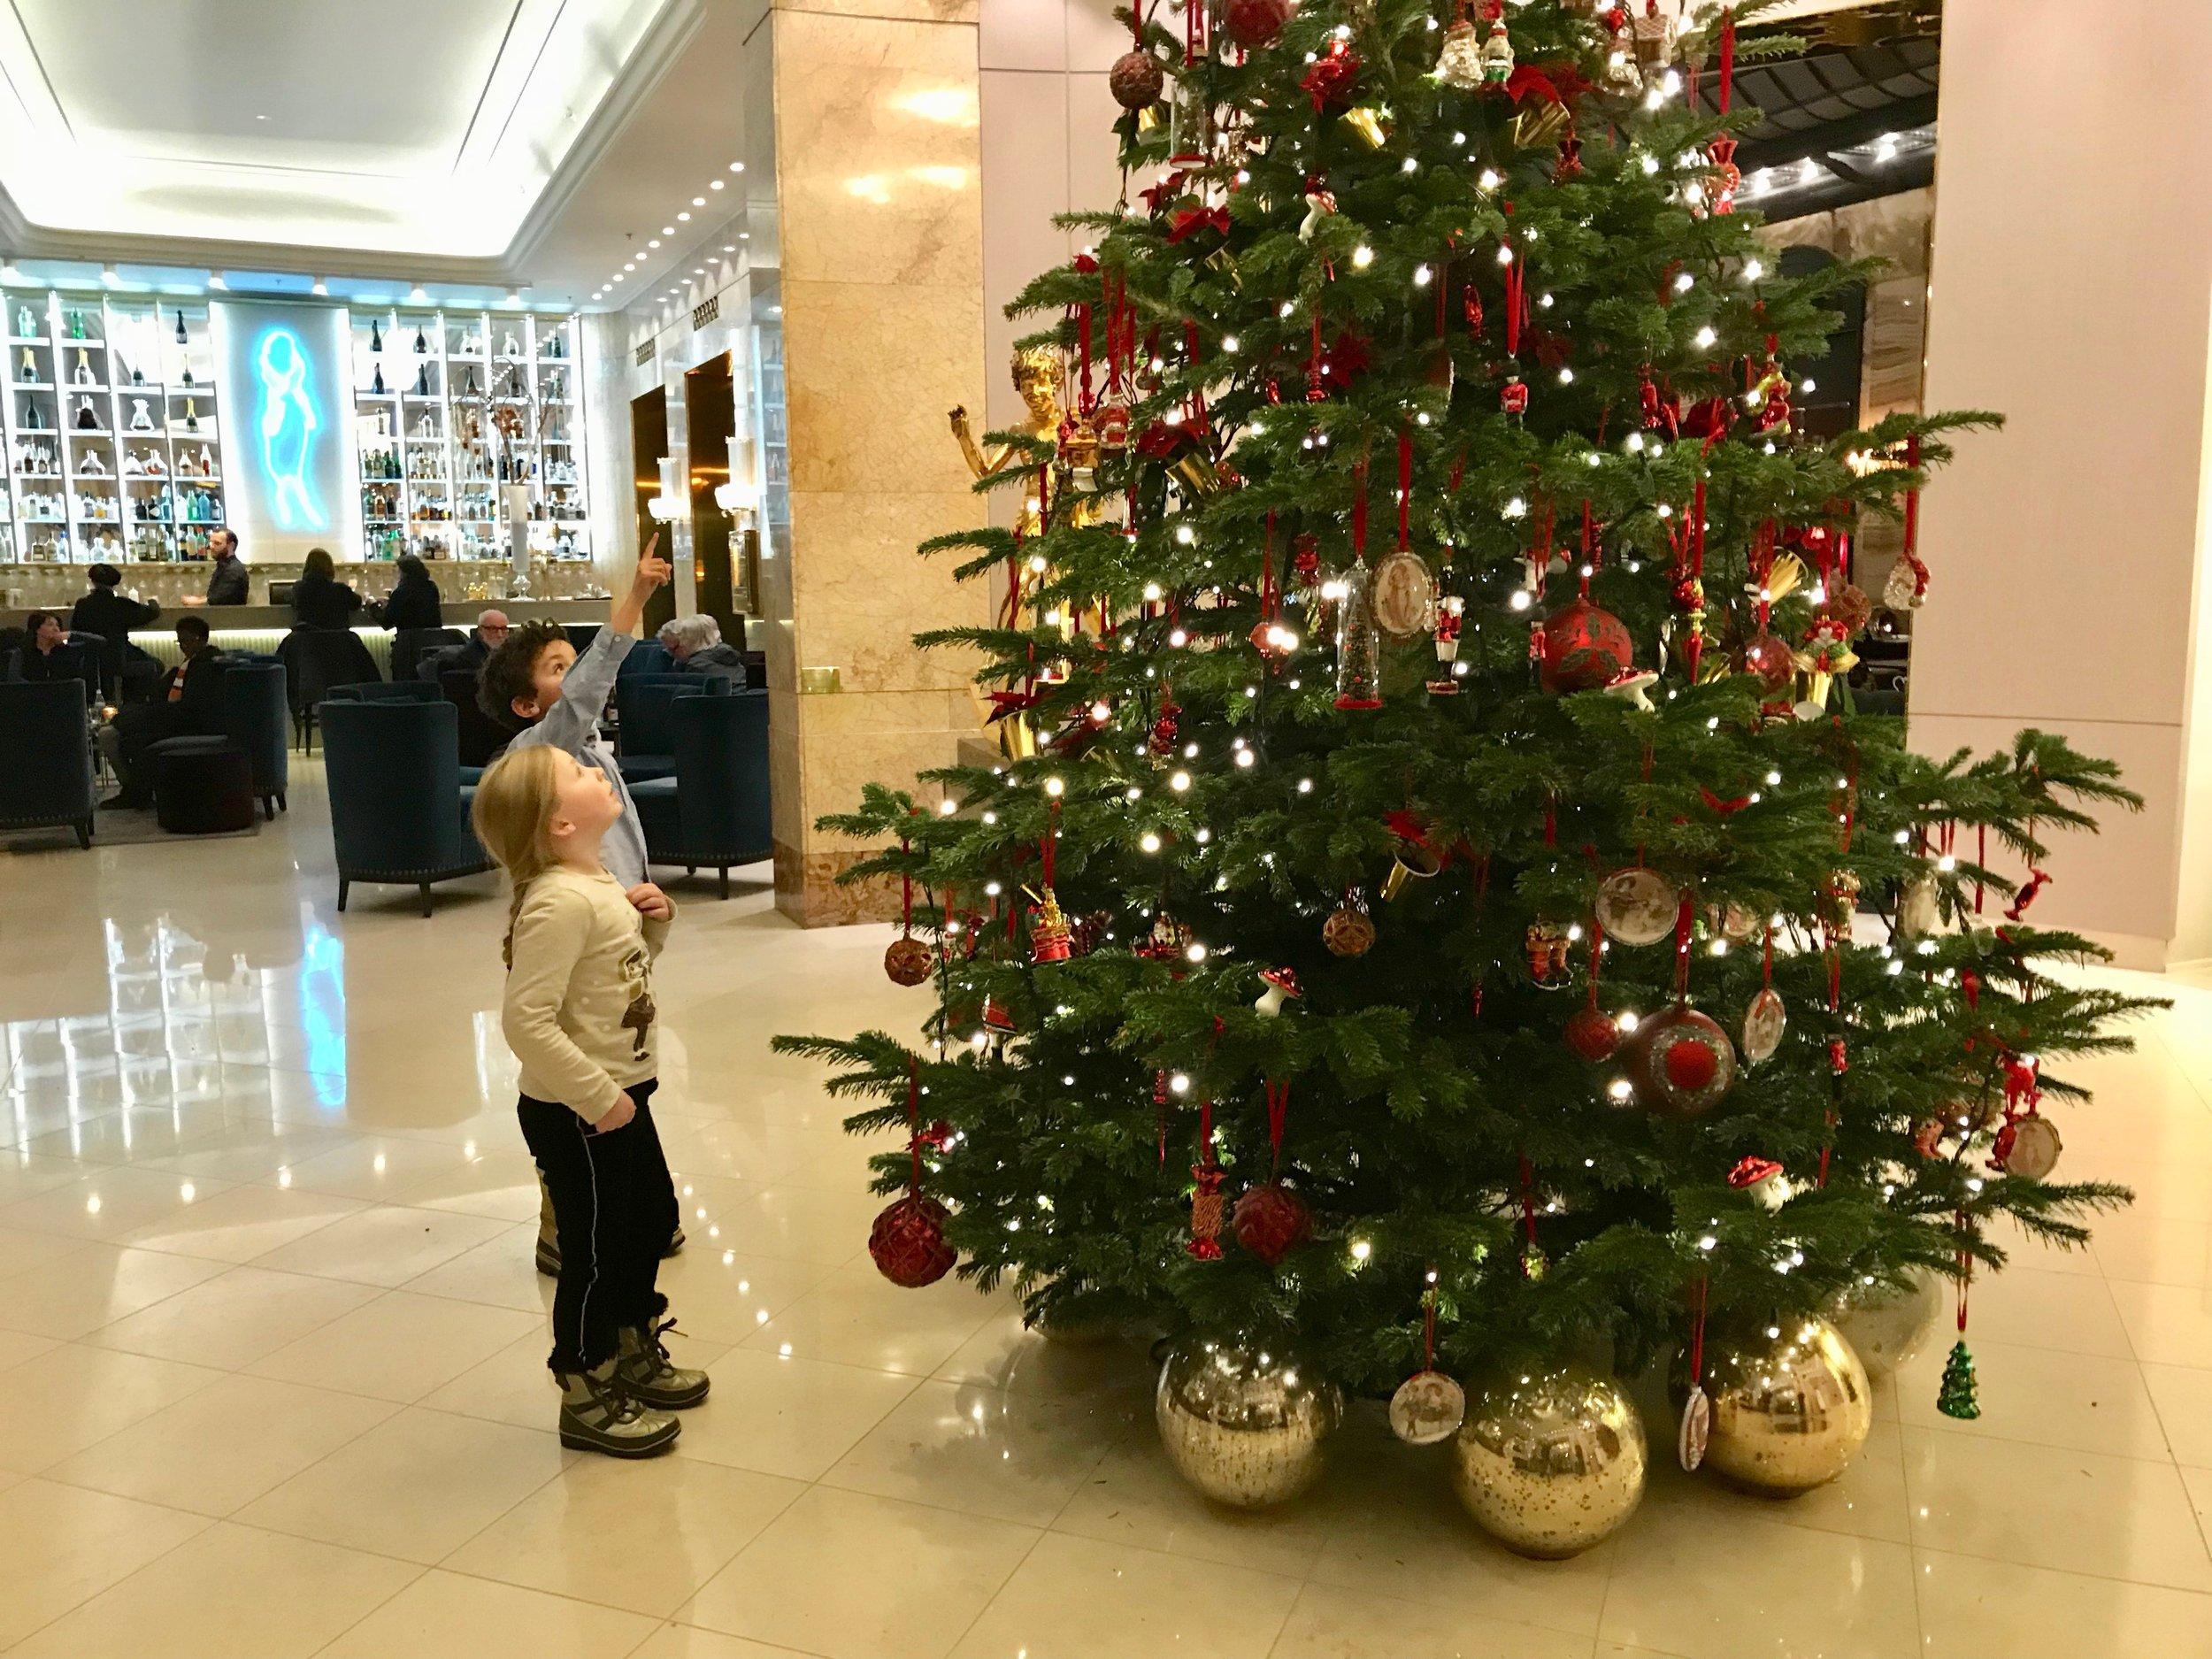 Glede på hotellet. Det er snart jul. Foto: Odd Roar Lange